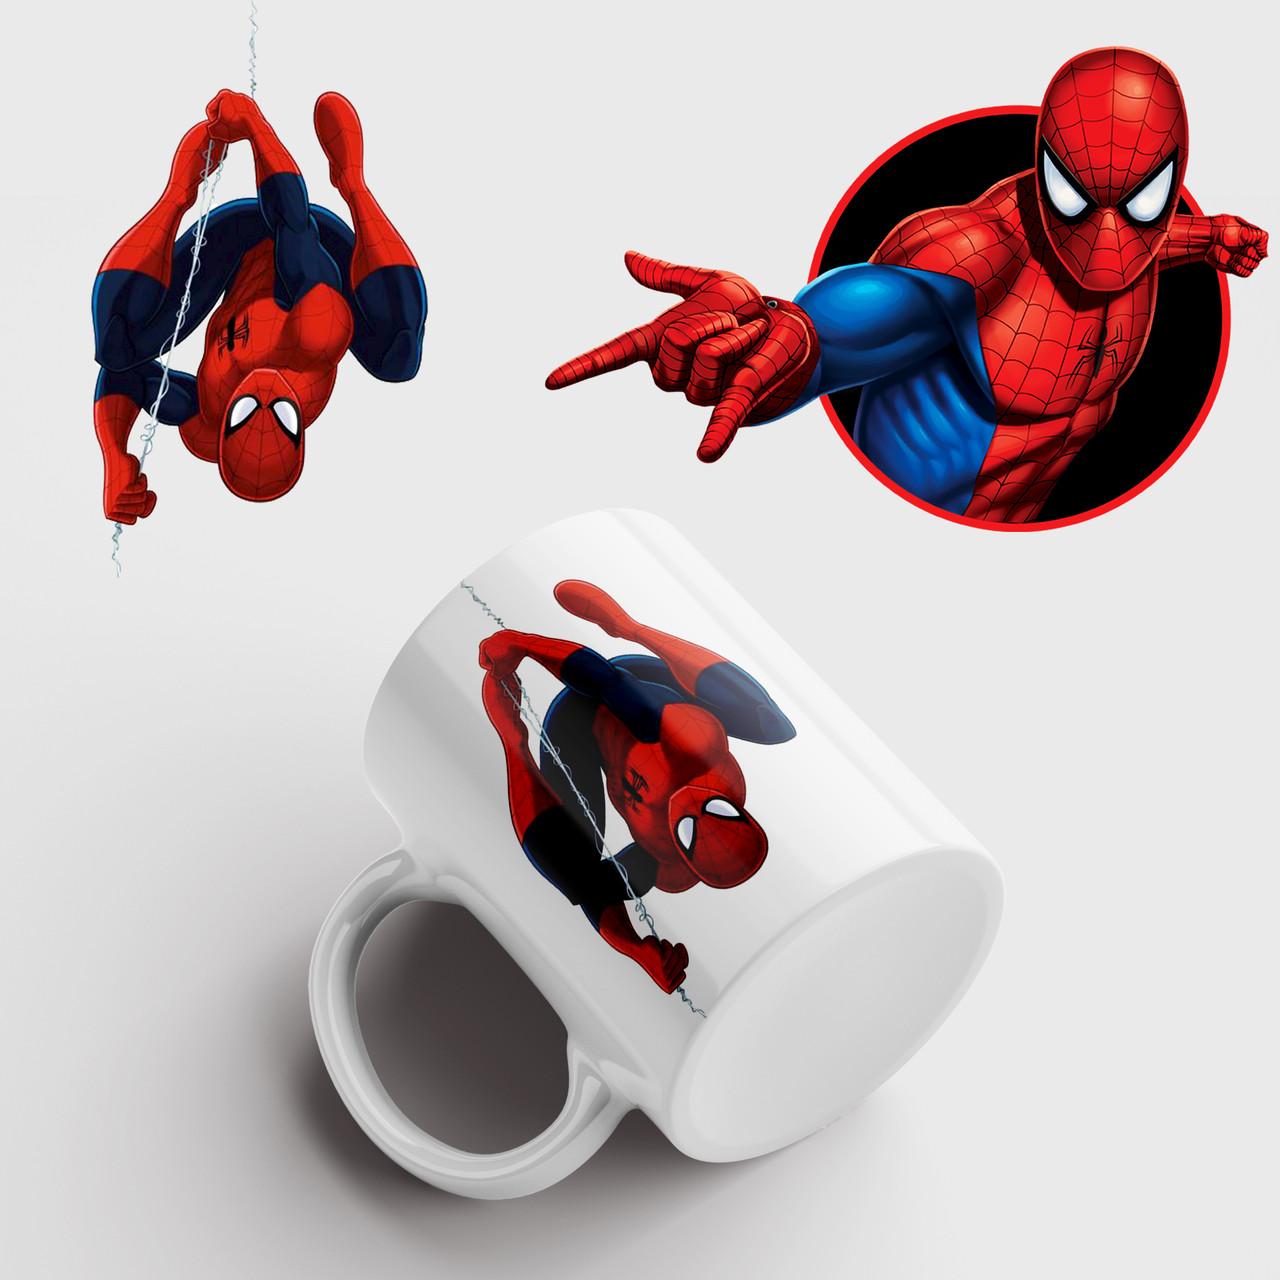 Кружка с принтом Человек паук. Чашка с принтом Spider-Man v7. Чашка с фото